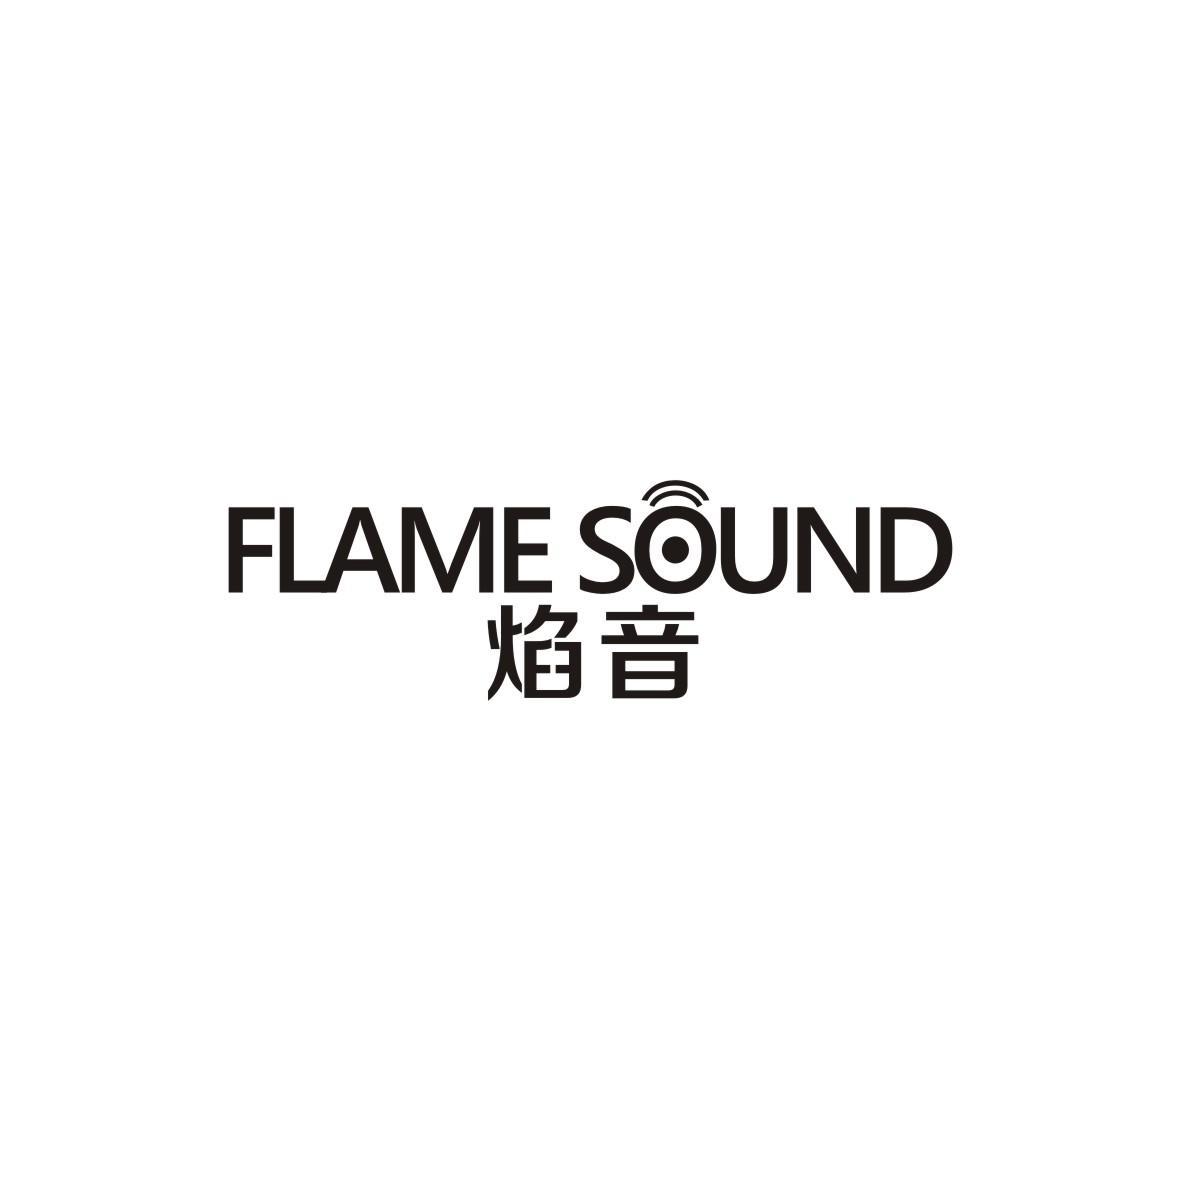 焰音 FLAME SOUND